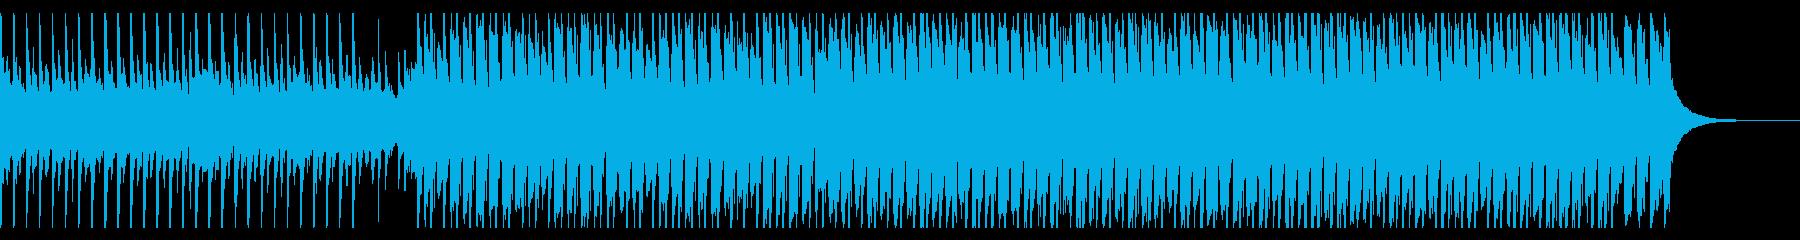 アップビートでハッピーポップ(60秒)の再生済みの波形